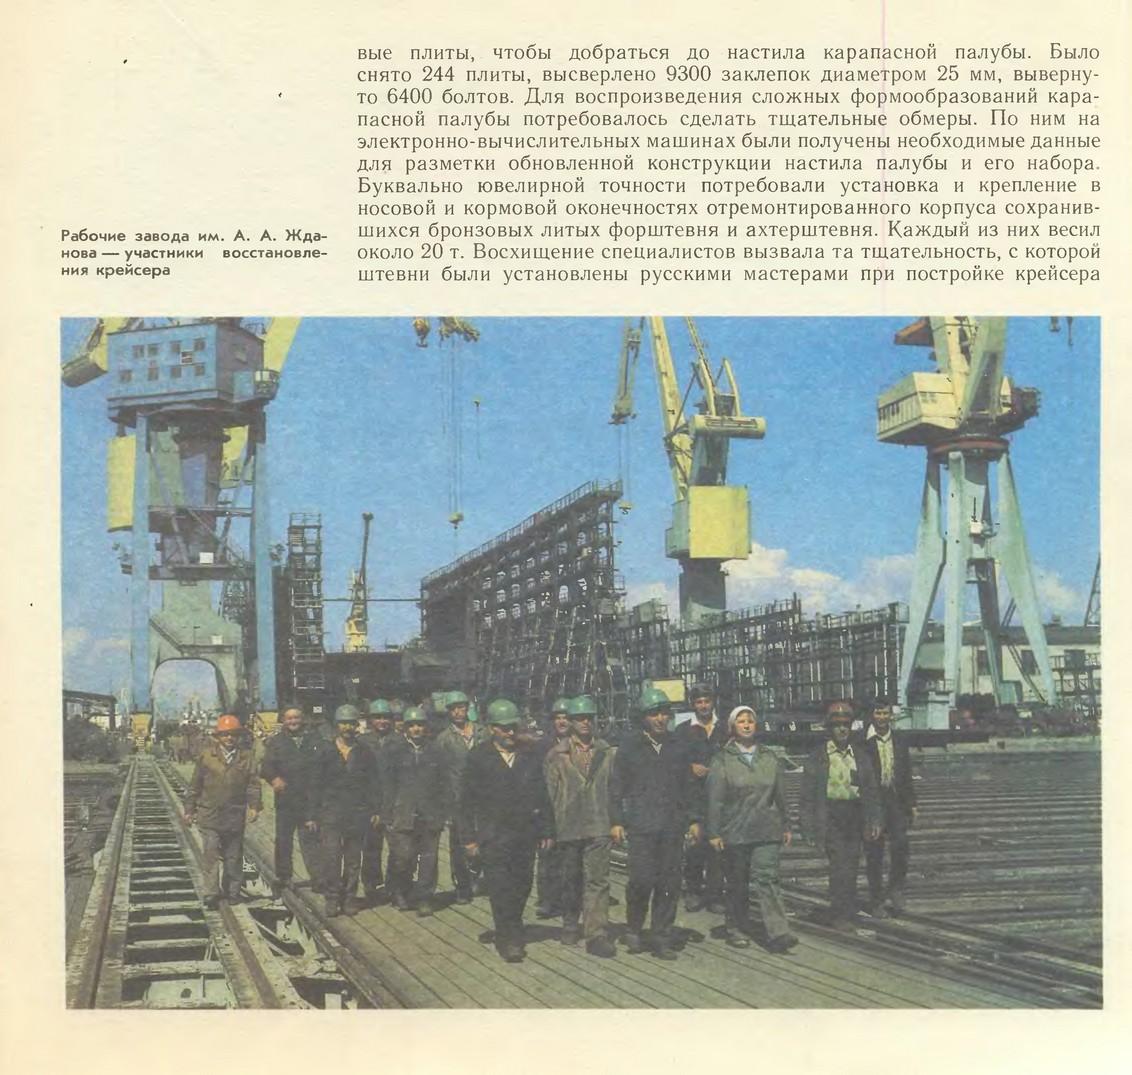 http://images.vfl.ru/ii/1515001331/2af21ee4/20006539.jpg